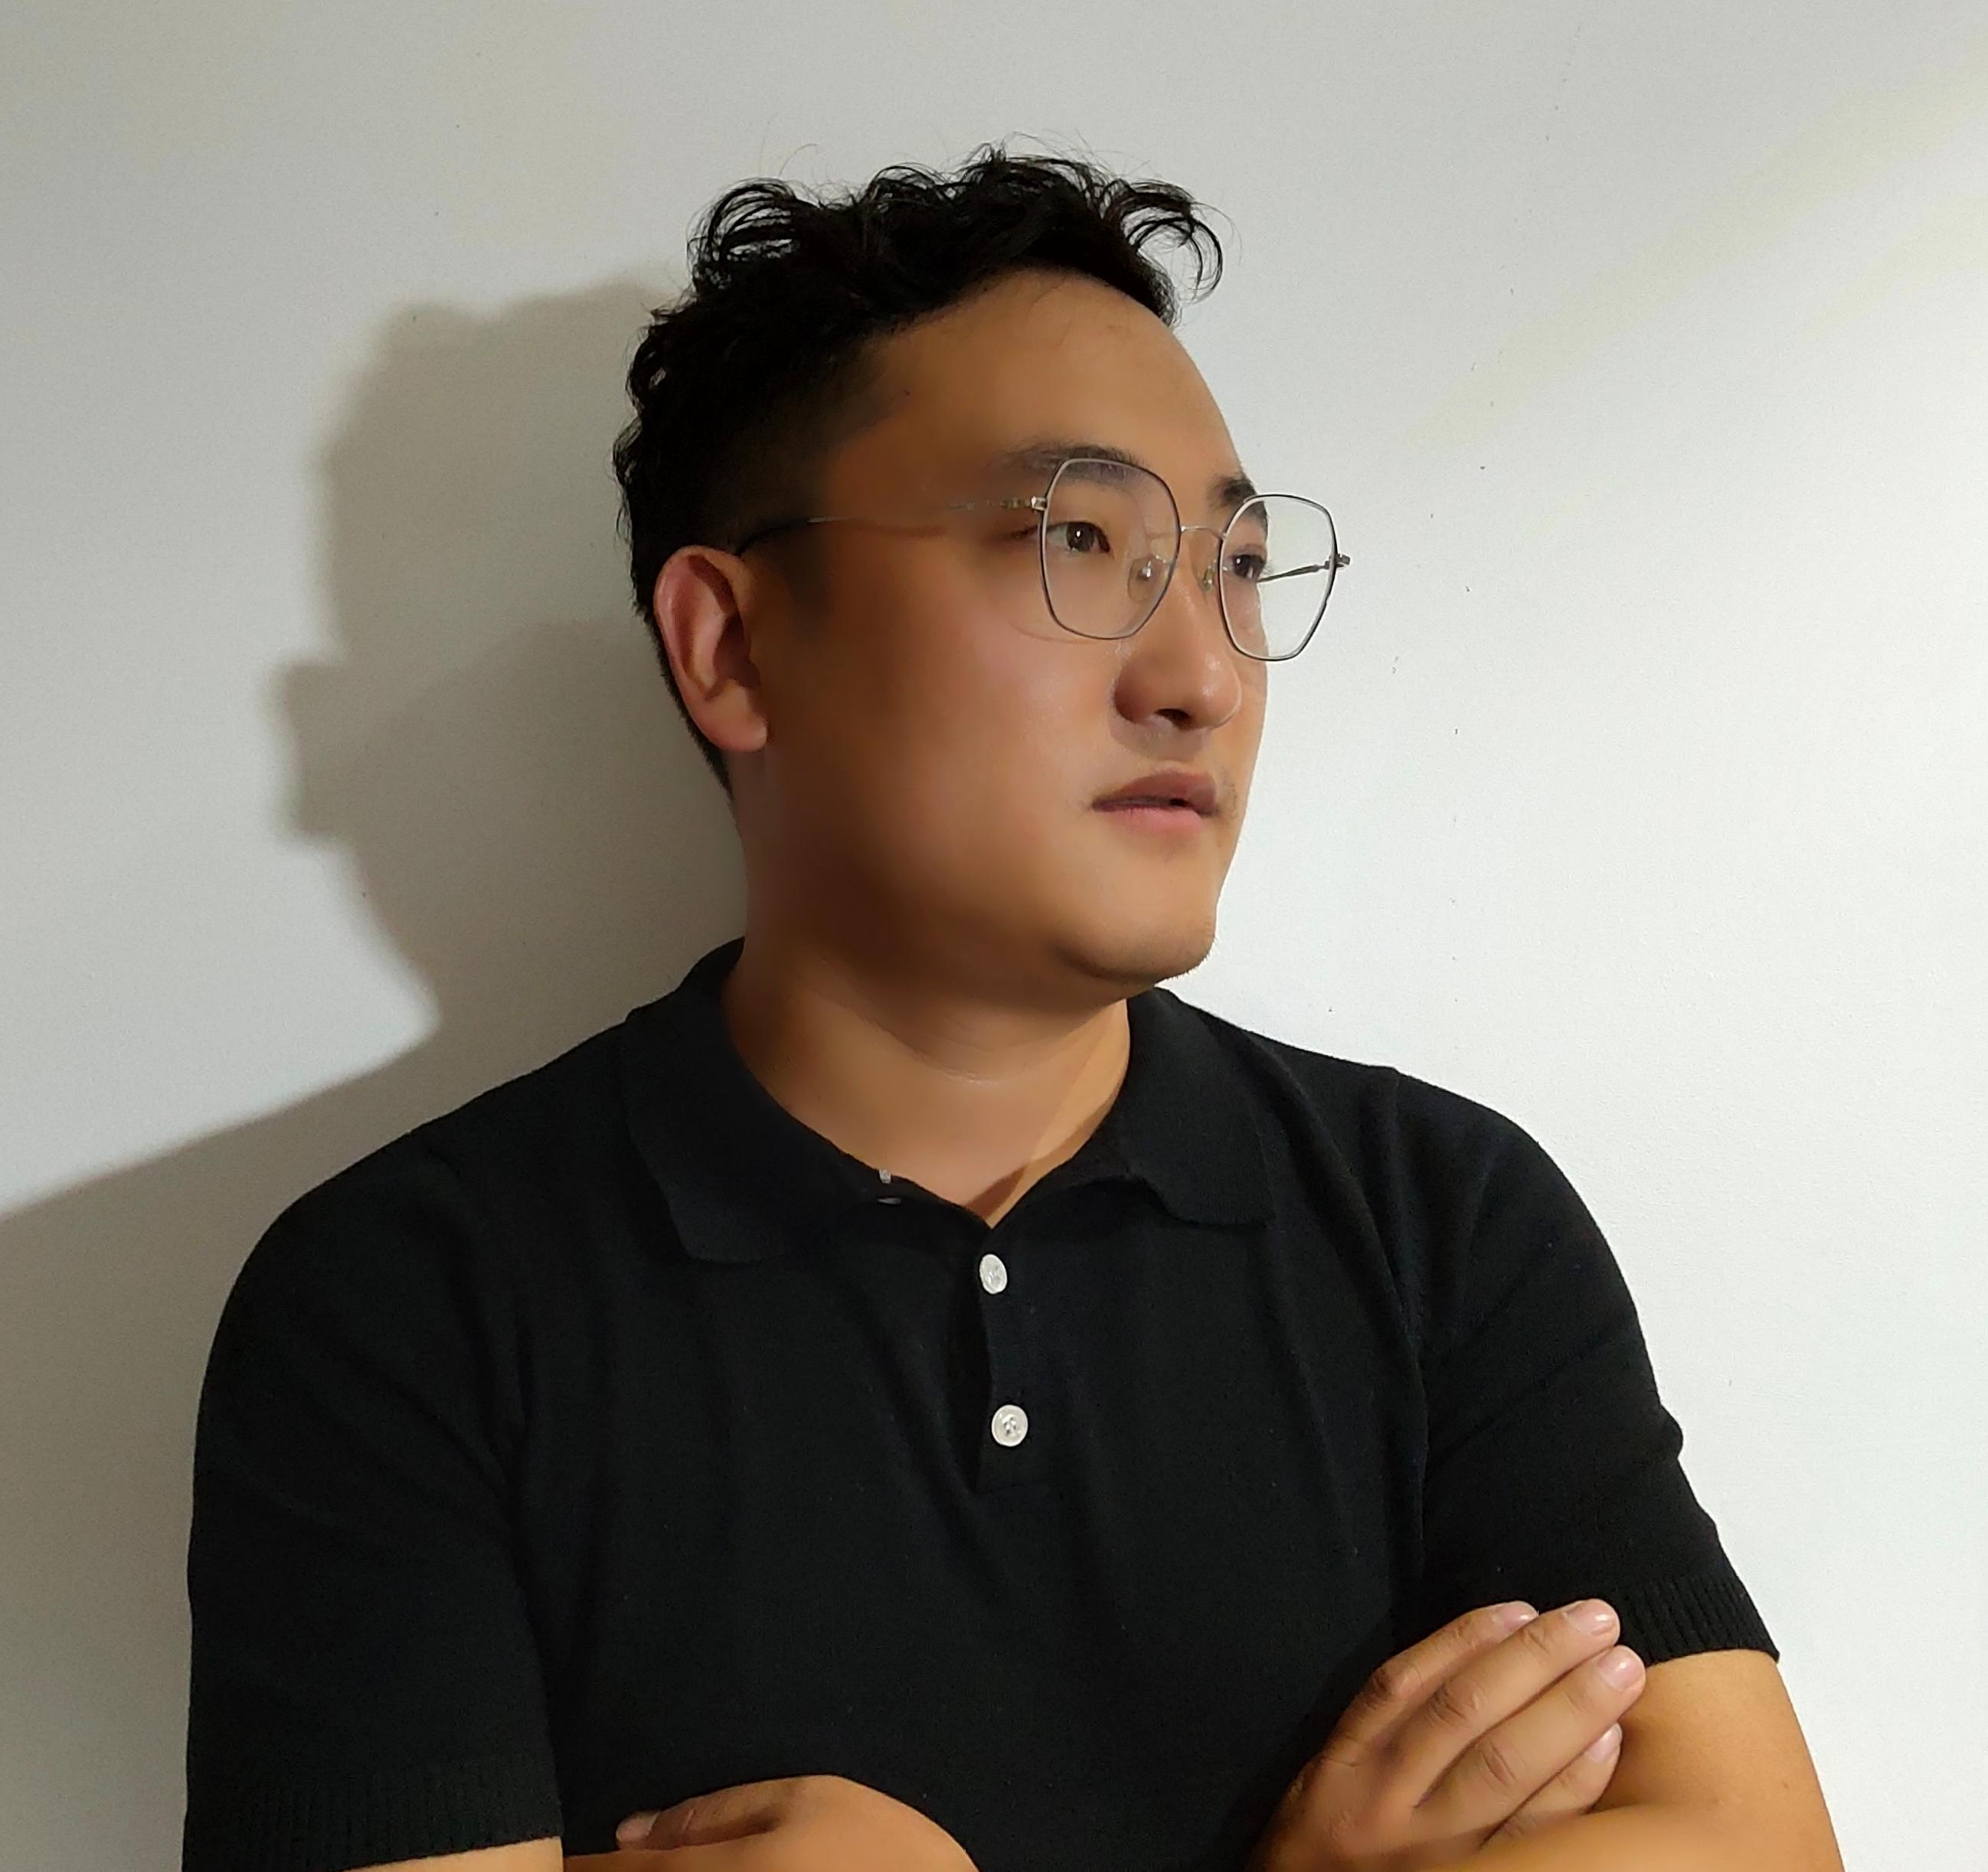 临沂奥创装饰设计师吴成帅